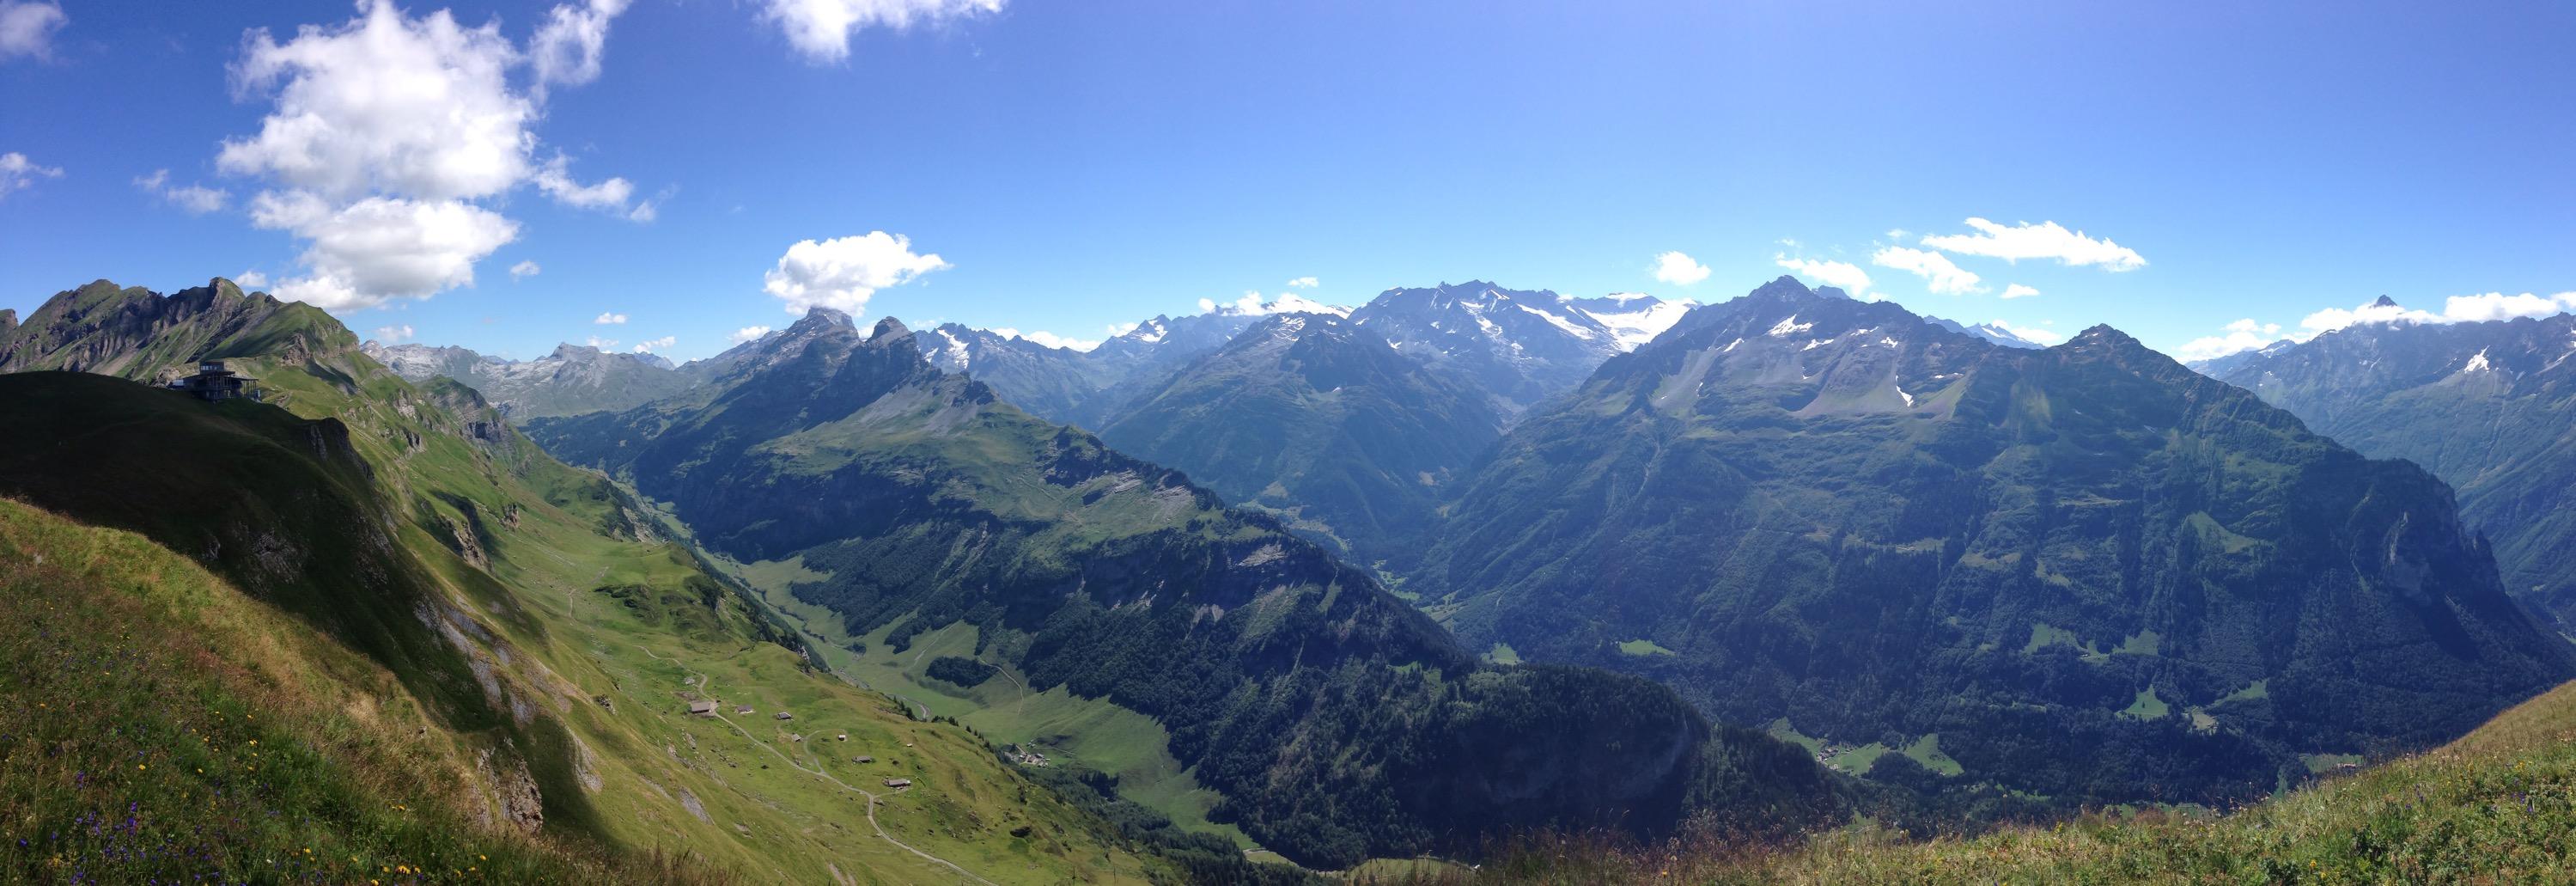 Panormablick vom Alpentower bei Meiringen-Hasliberg